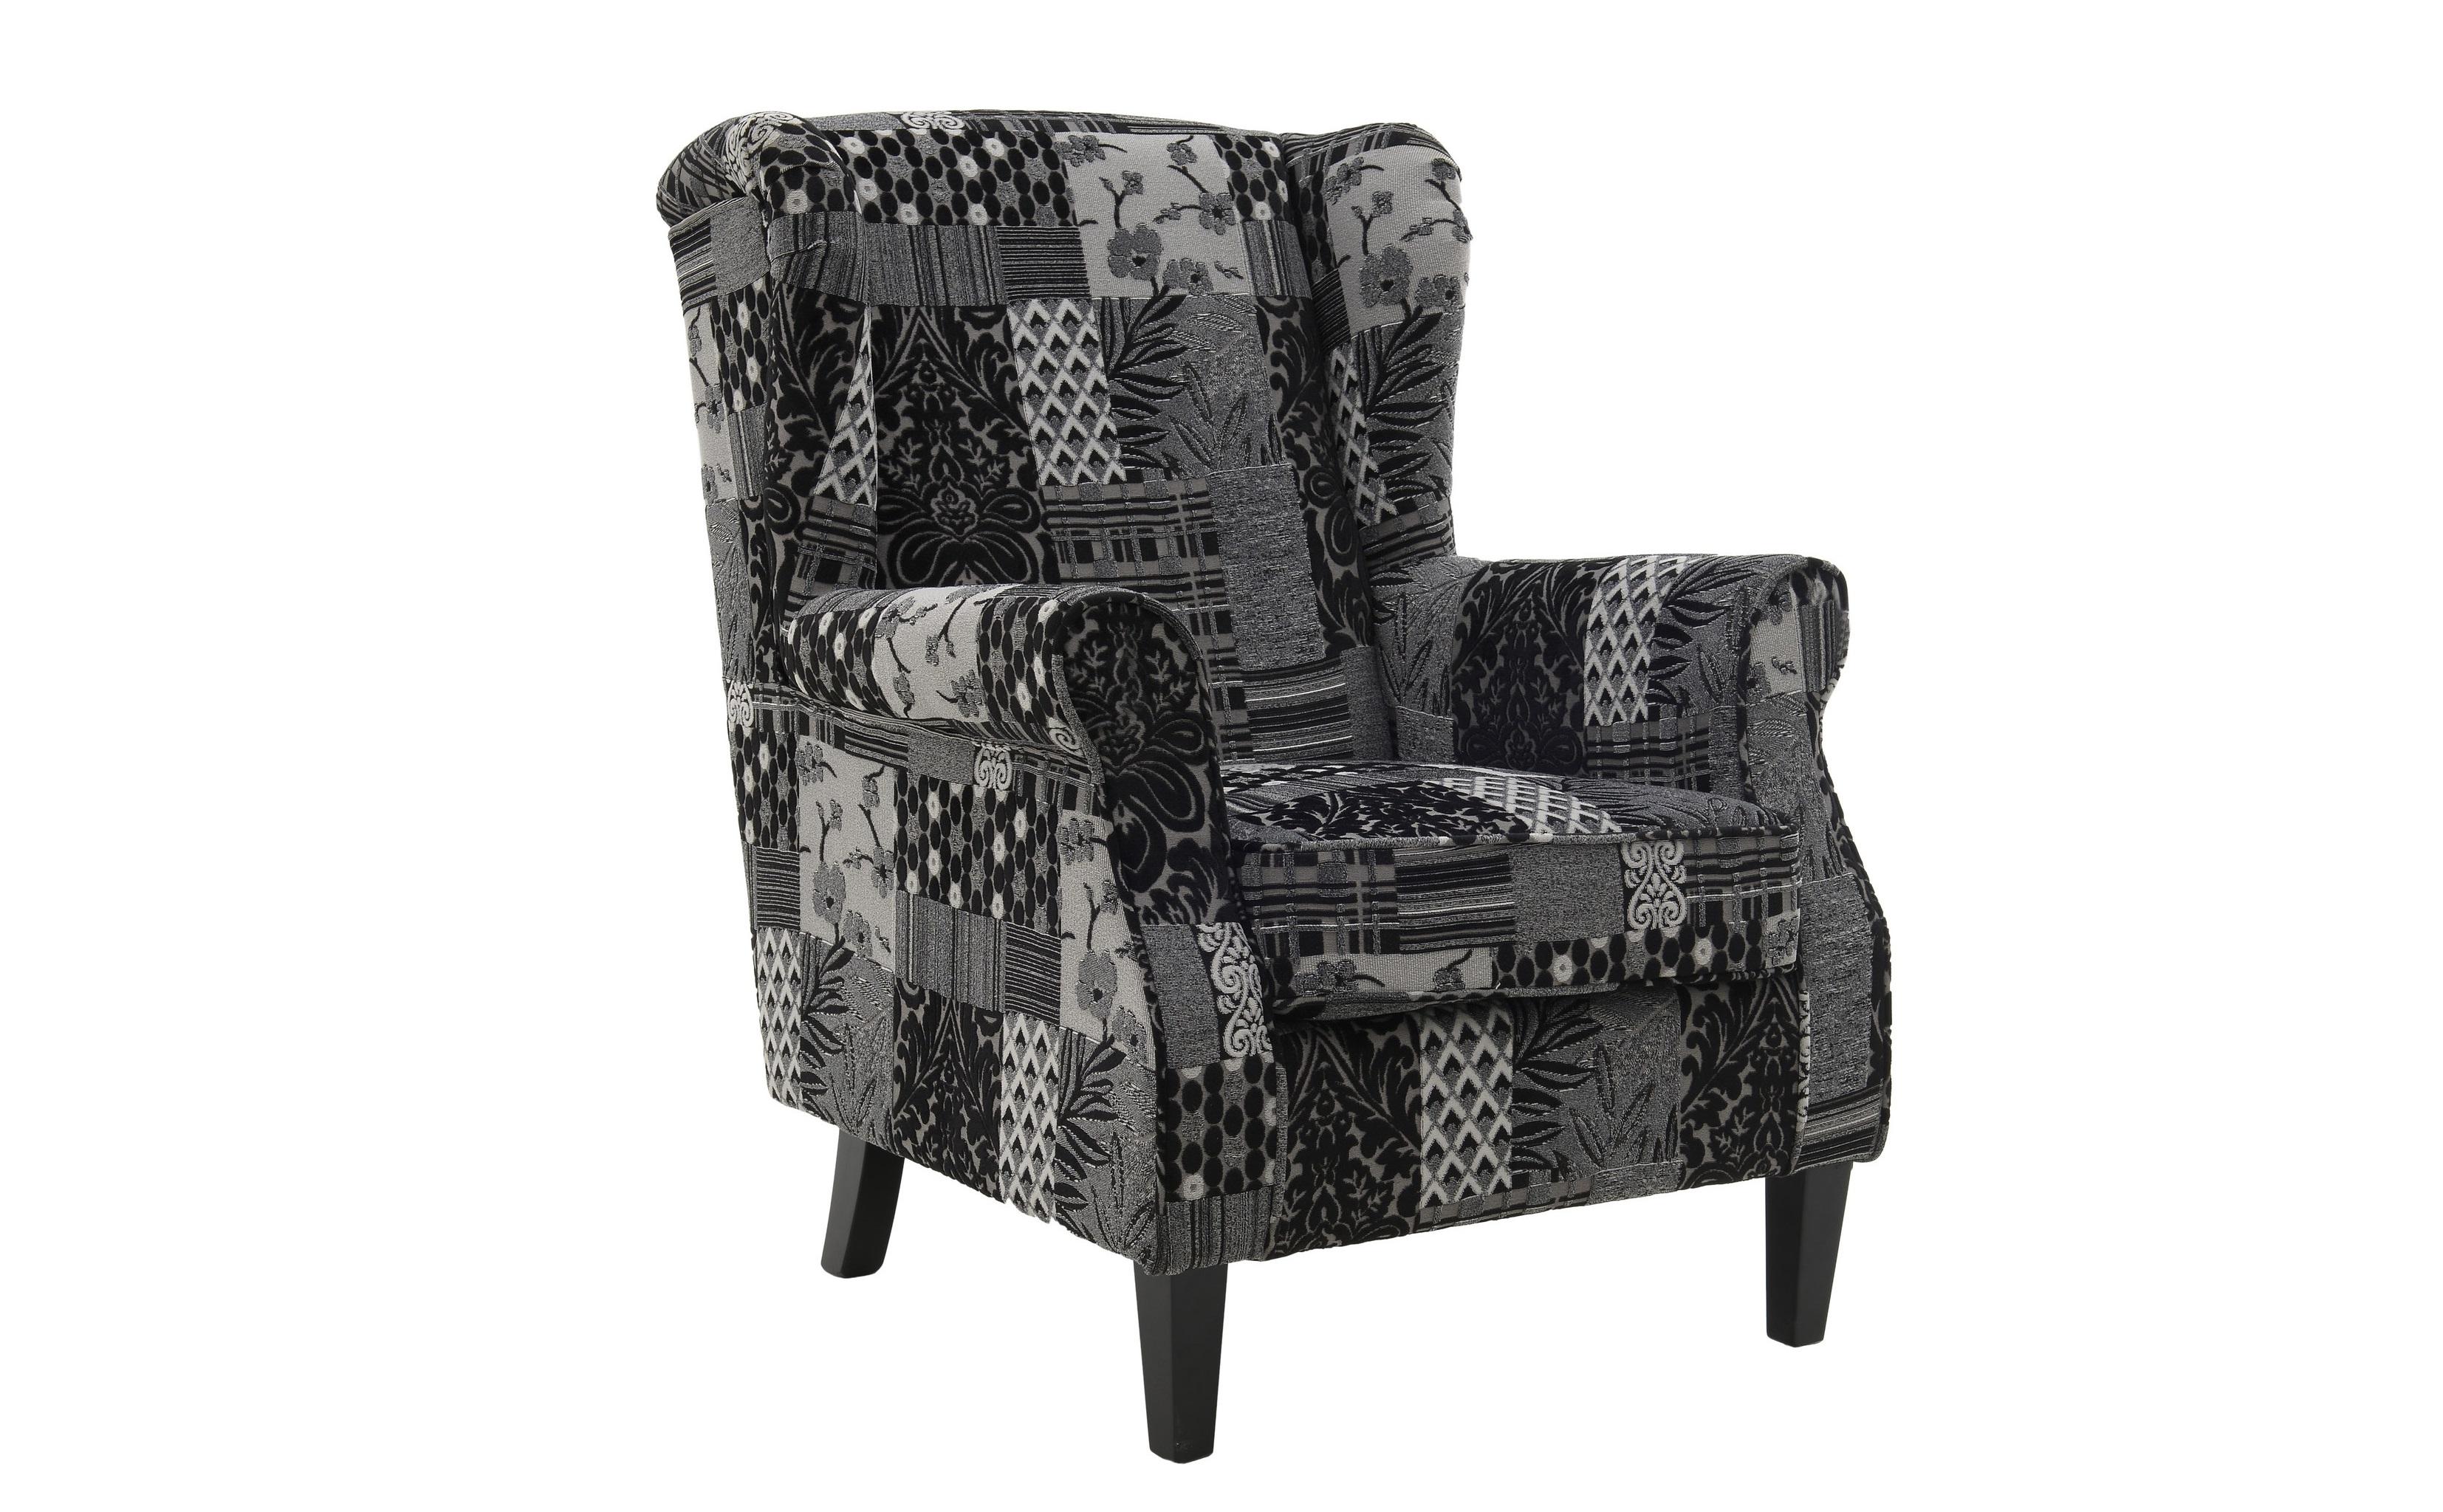 Кресло Mart?nezИнтерьерные кресла<br>Материал: дерево, хлопок, полиэстер<br><br>Material: Хлопок<br>Ширина см: 76<br>Высота см: 95<br>Глубина см: 83